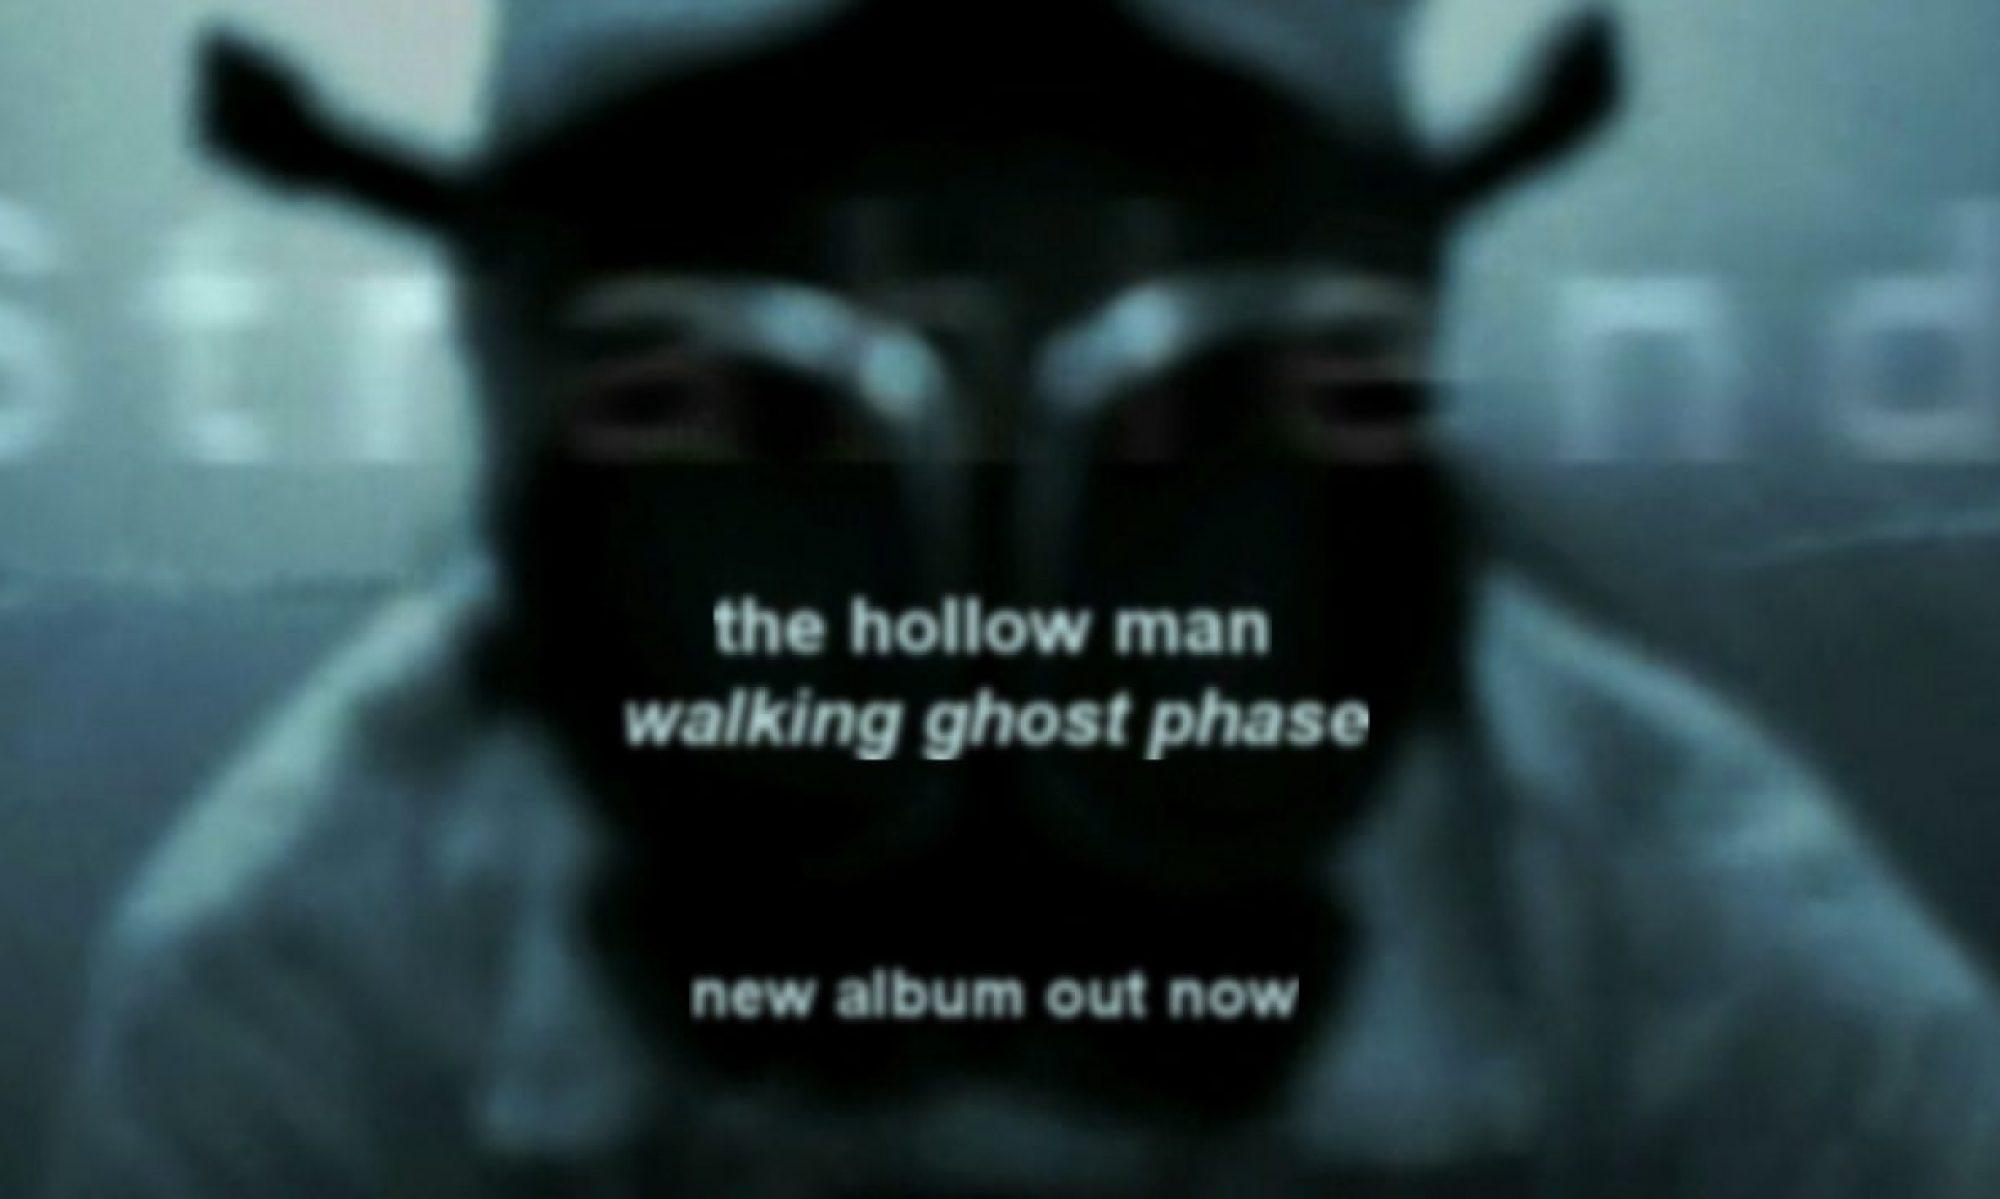 www.thehollowman.net